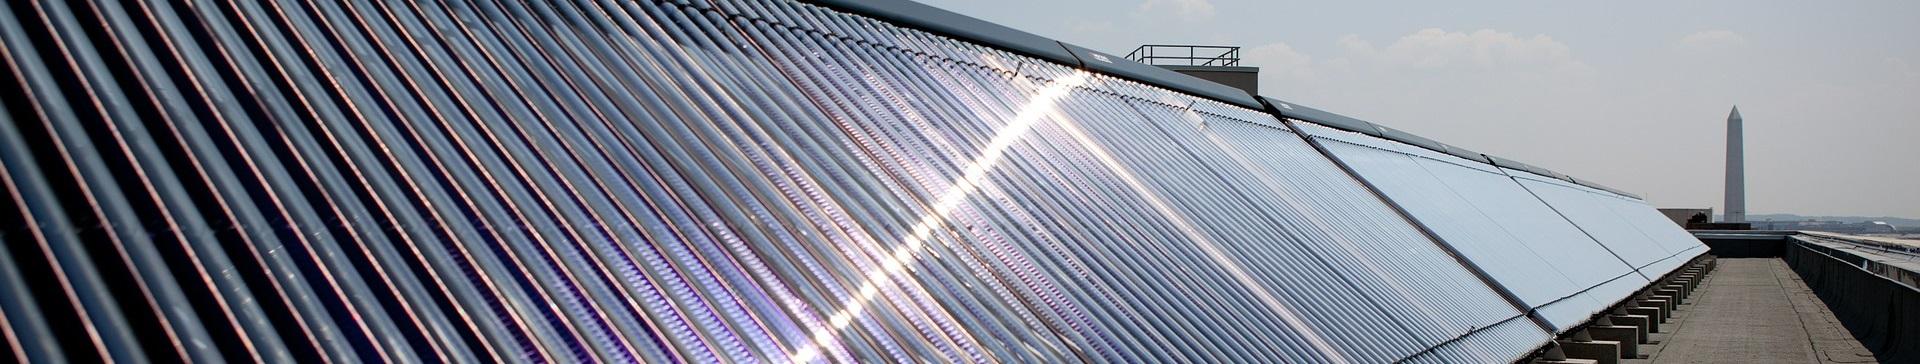 Soutien financier au solaire thermique